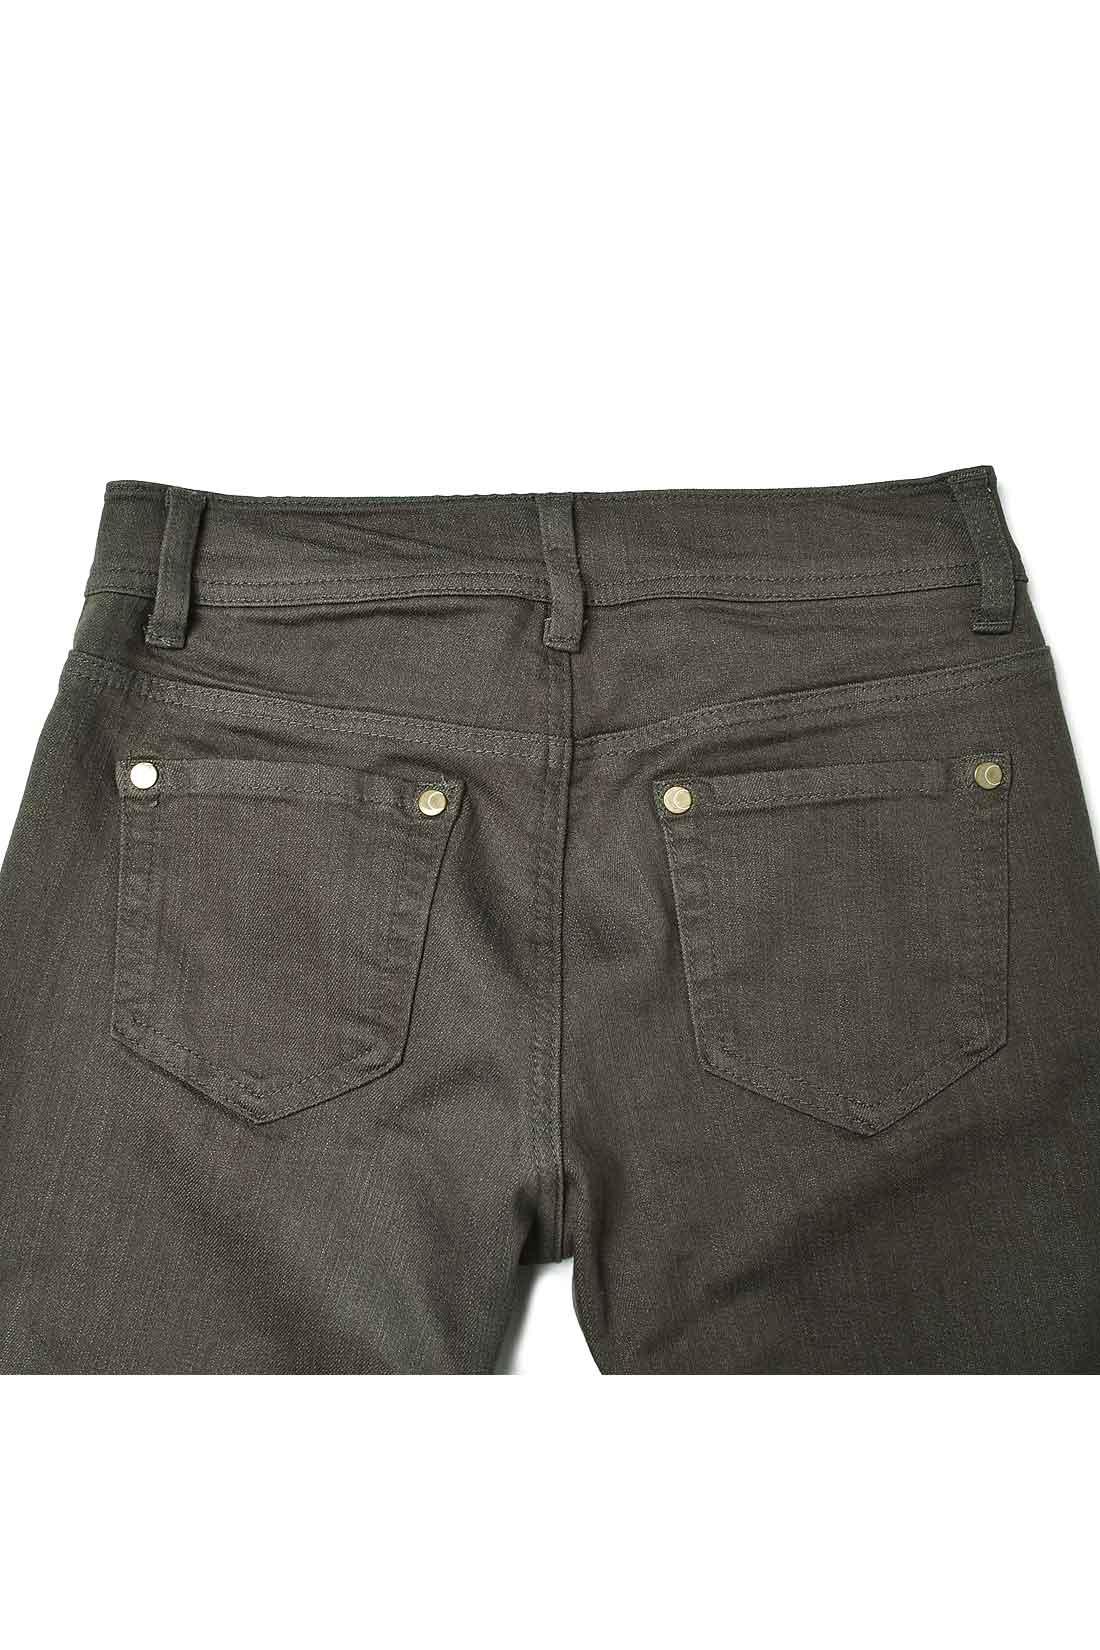 ヒップをキュッと高く見せるよう、後ろはヨーク切り替えと、ポケット位置を高めに設定。後ろ姿もすらり美脚に。